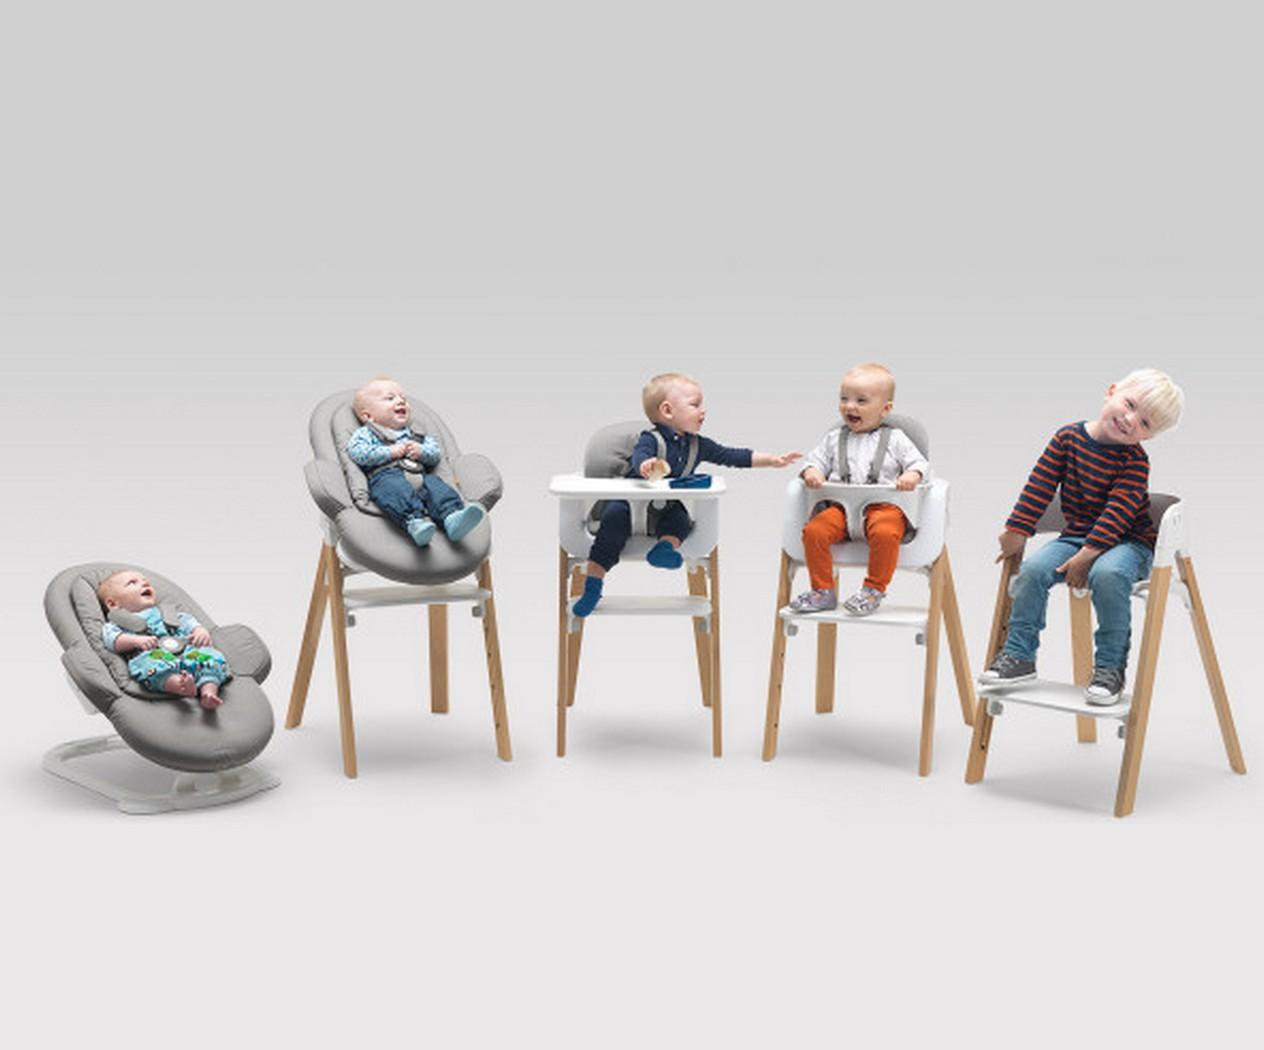 Chaise Haute Bois Evolutive : Chaise haute b?b? en bois- chaise haute evolutive Acheter une chaise